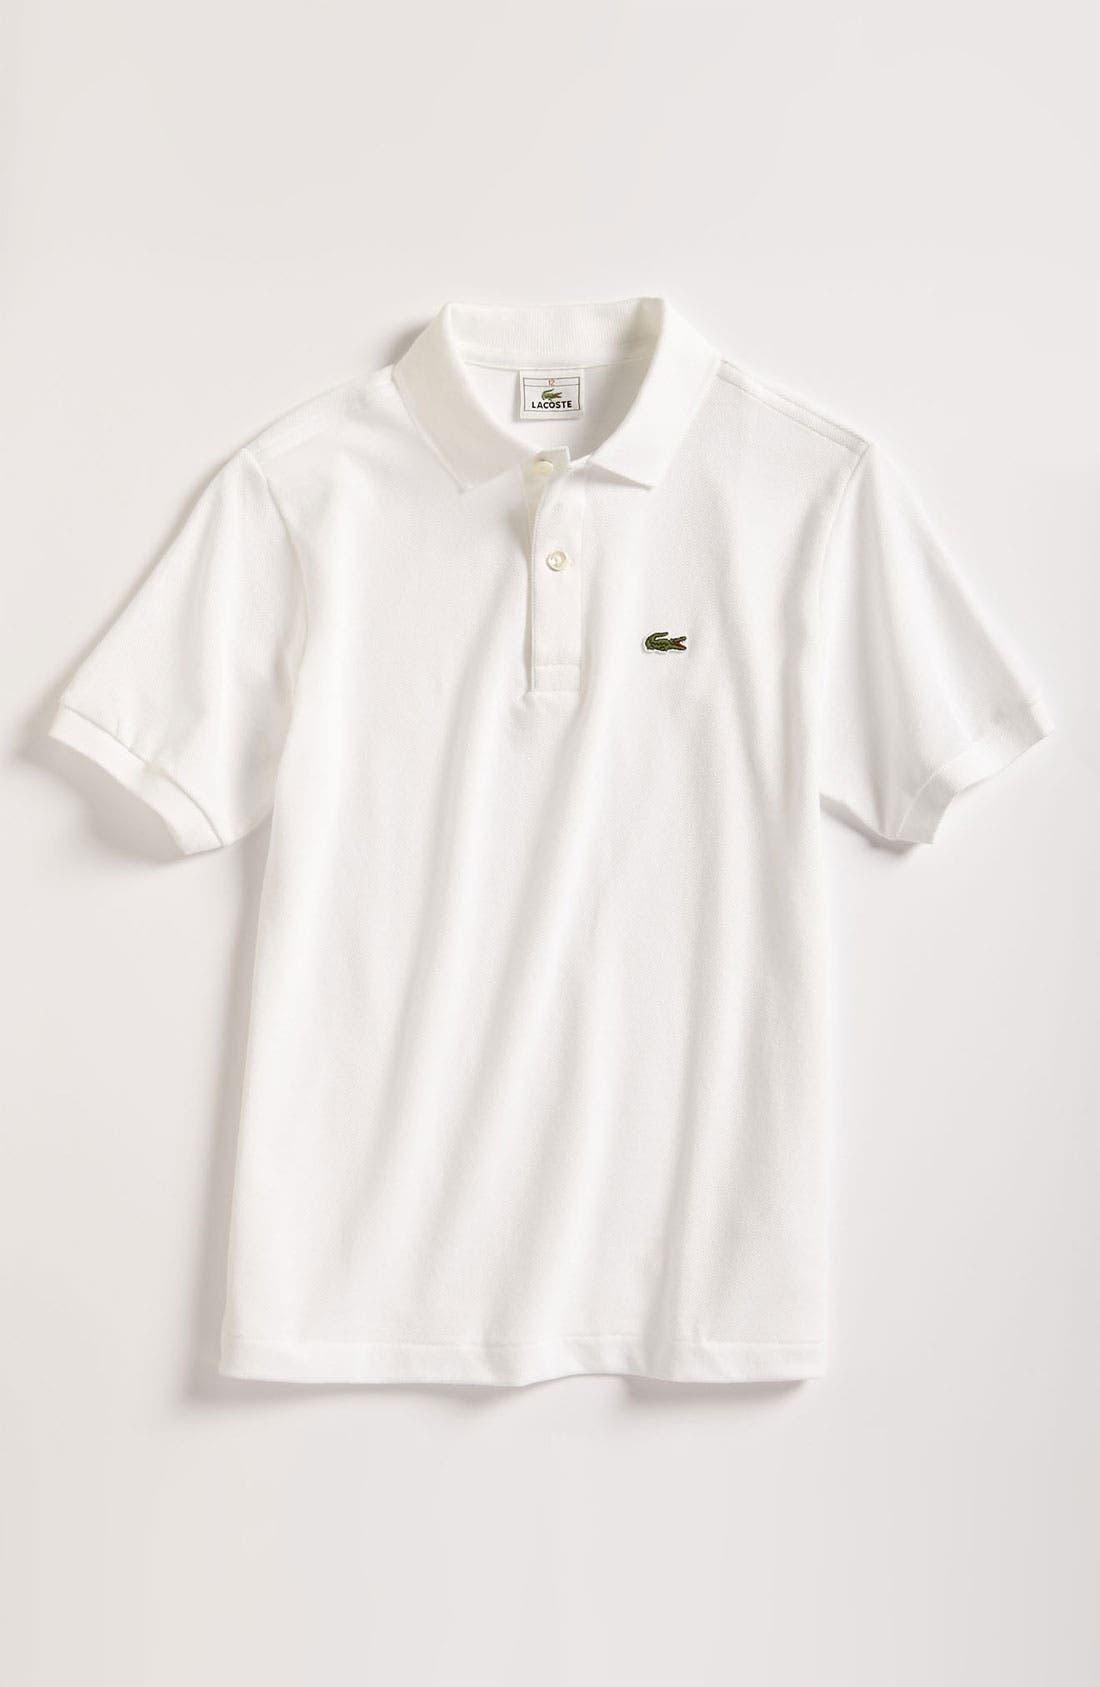 Alternate Image 1 Selected - Lacoste Short Sleeve Piqué Polo (Toddler Boys, Little Boys & Big Boys)